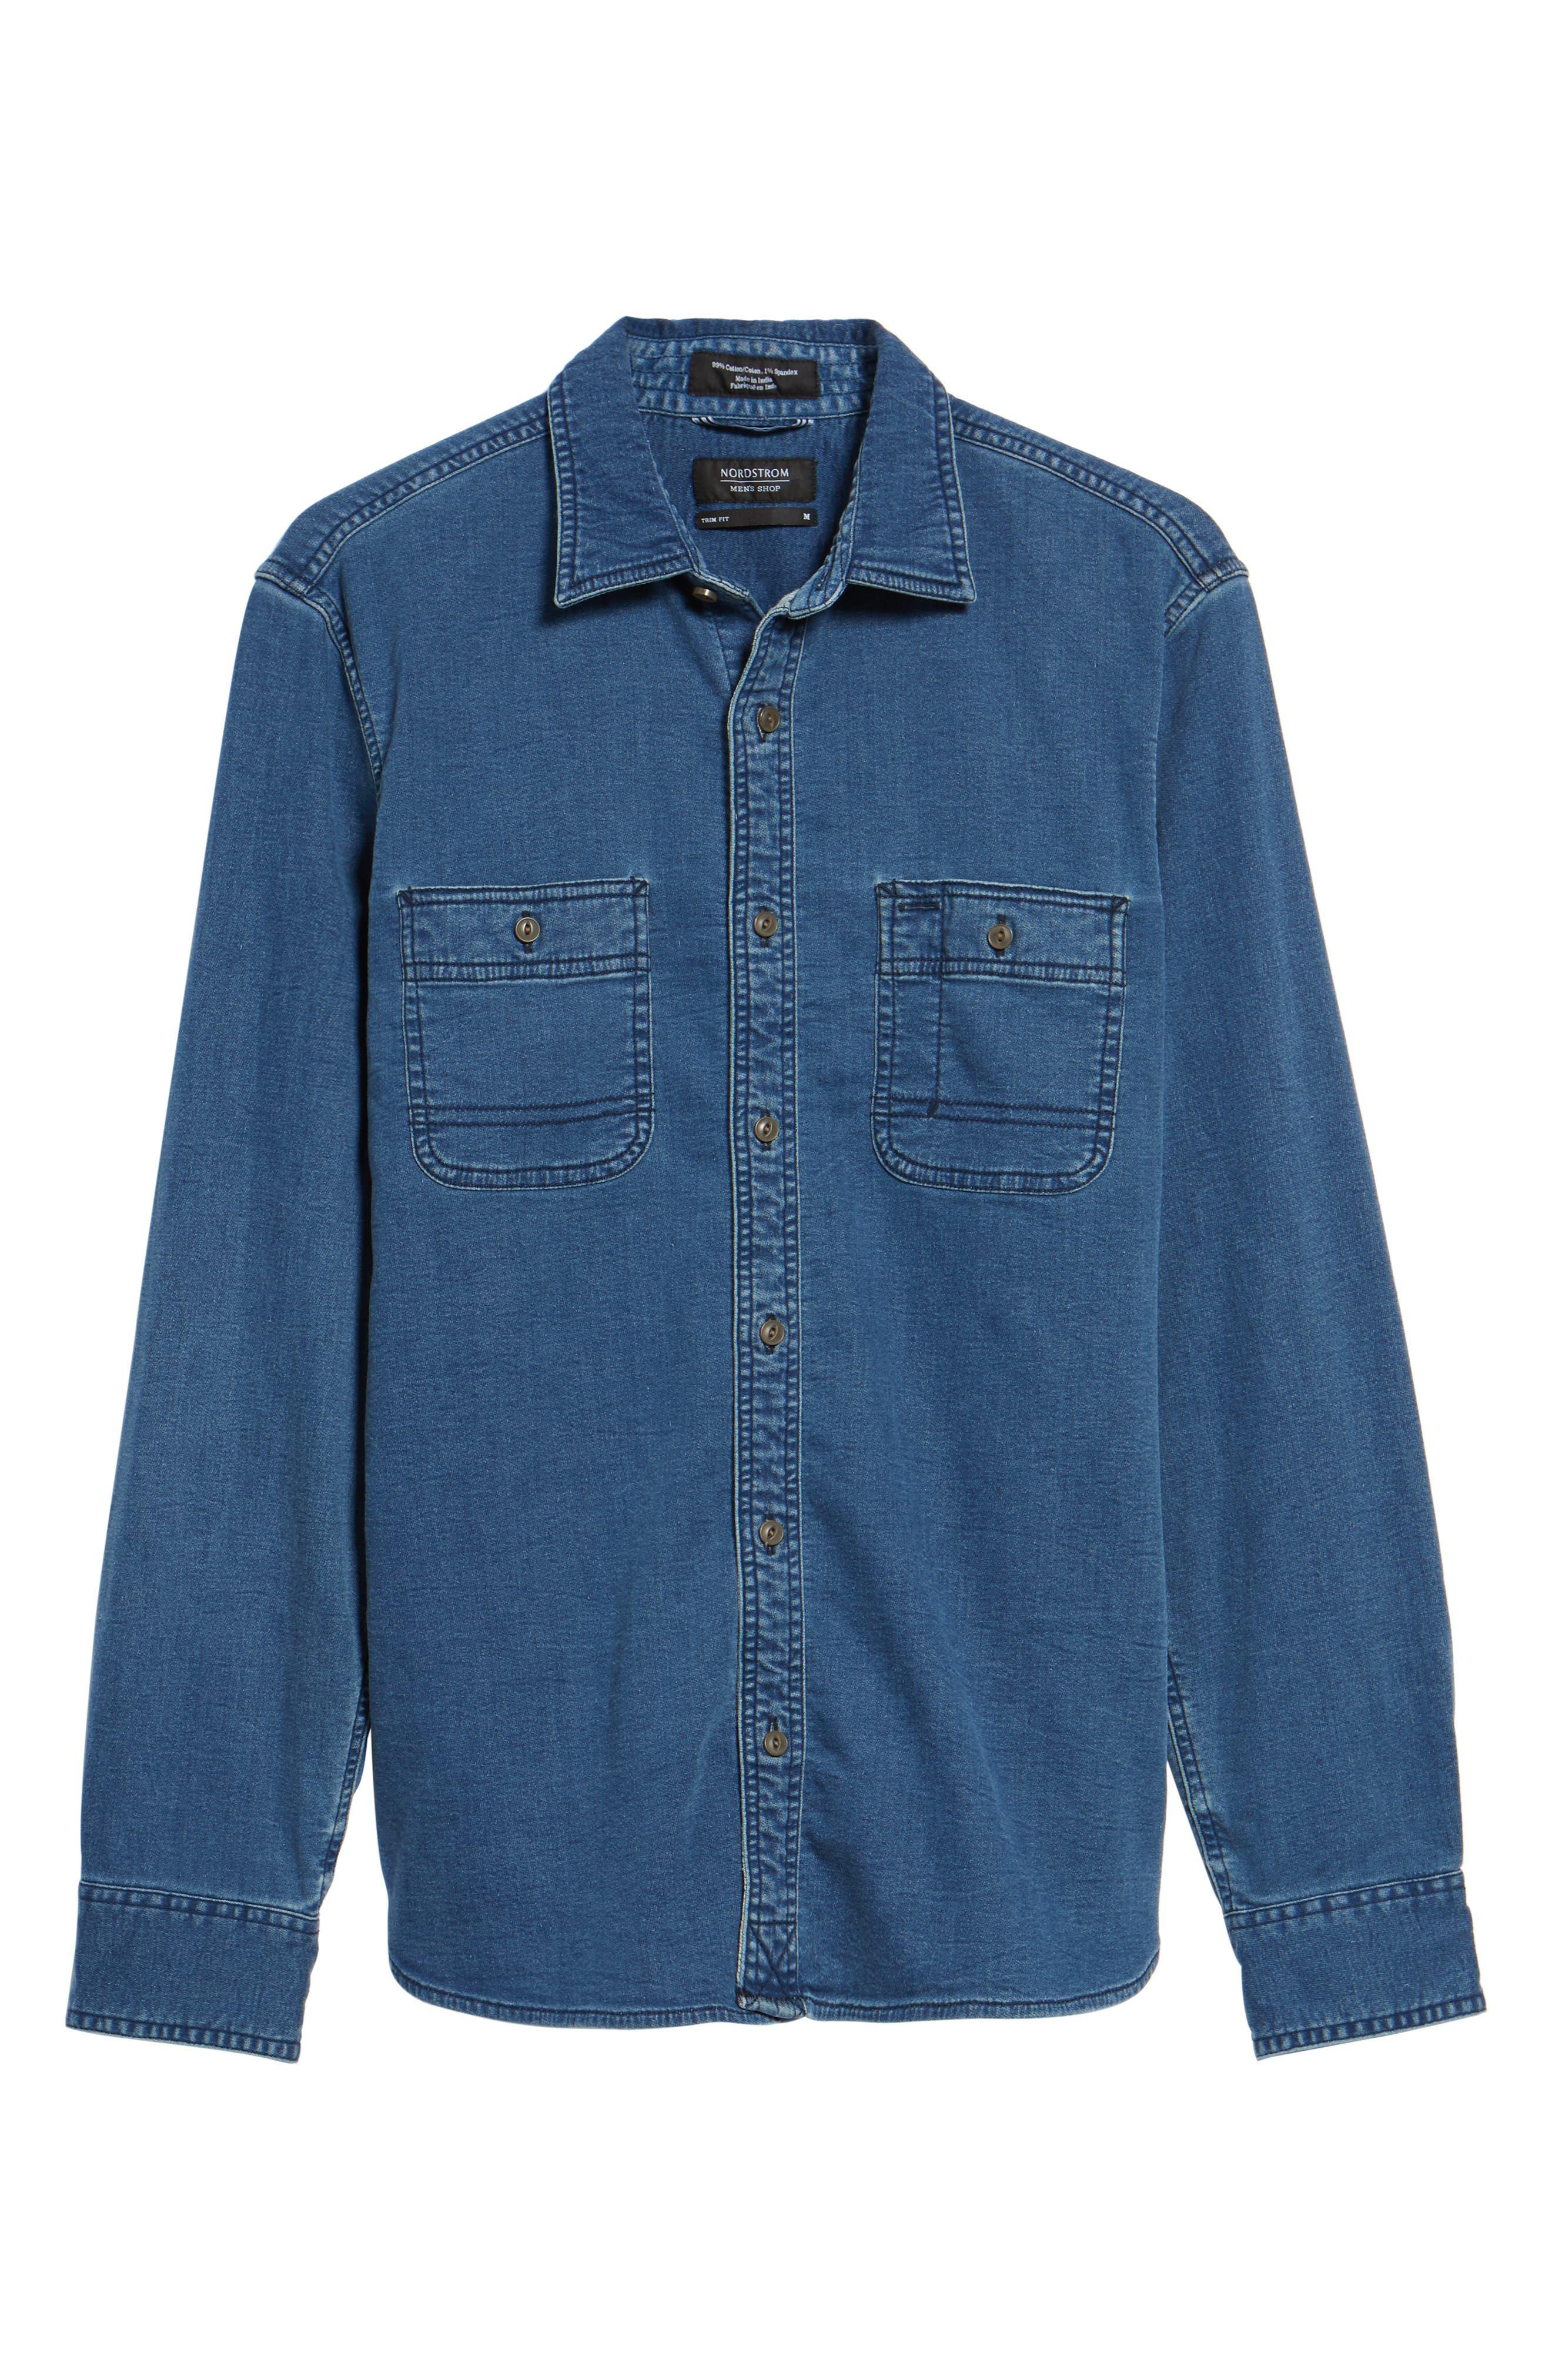 Trim Fit Utility Wash Knit Denim Shirt,                             Alternate thumbnail 6, color,